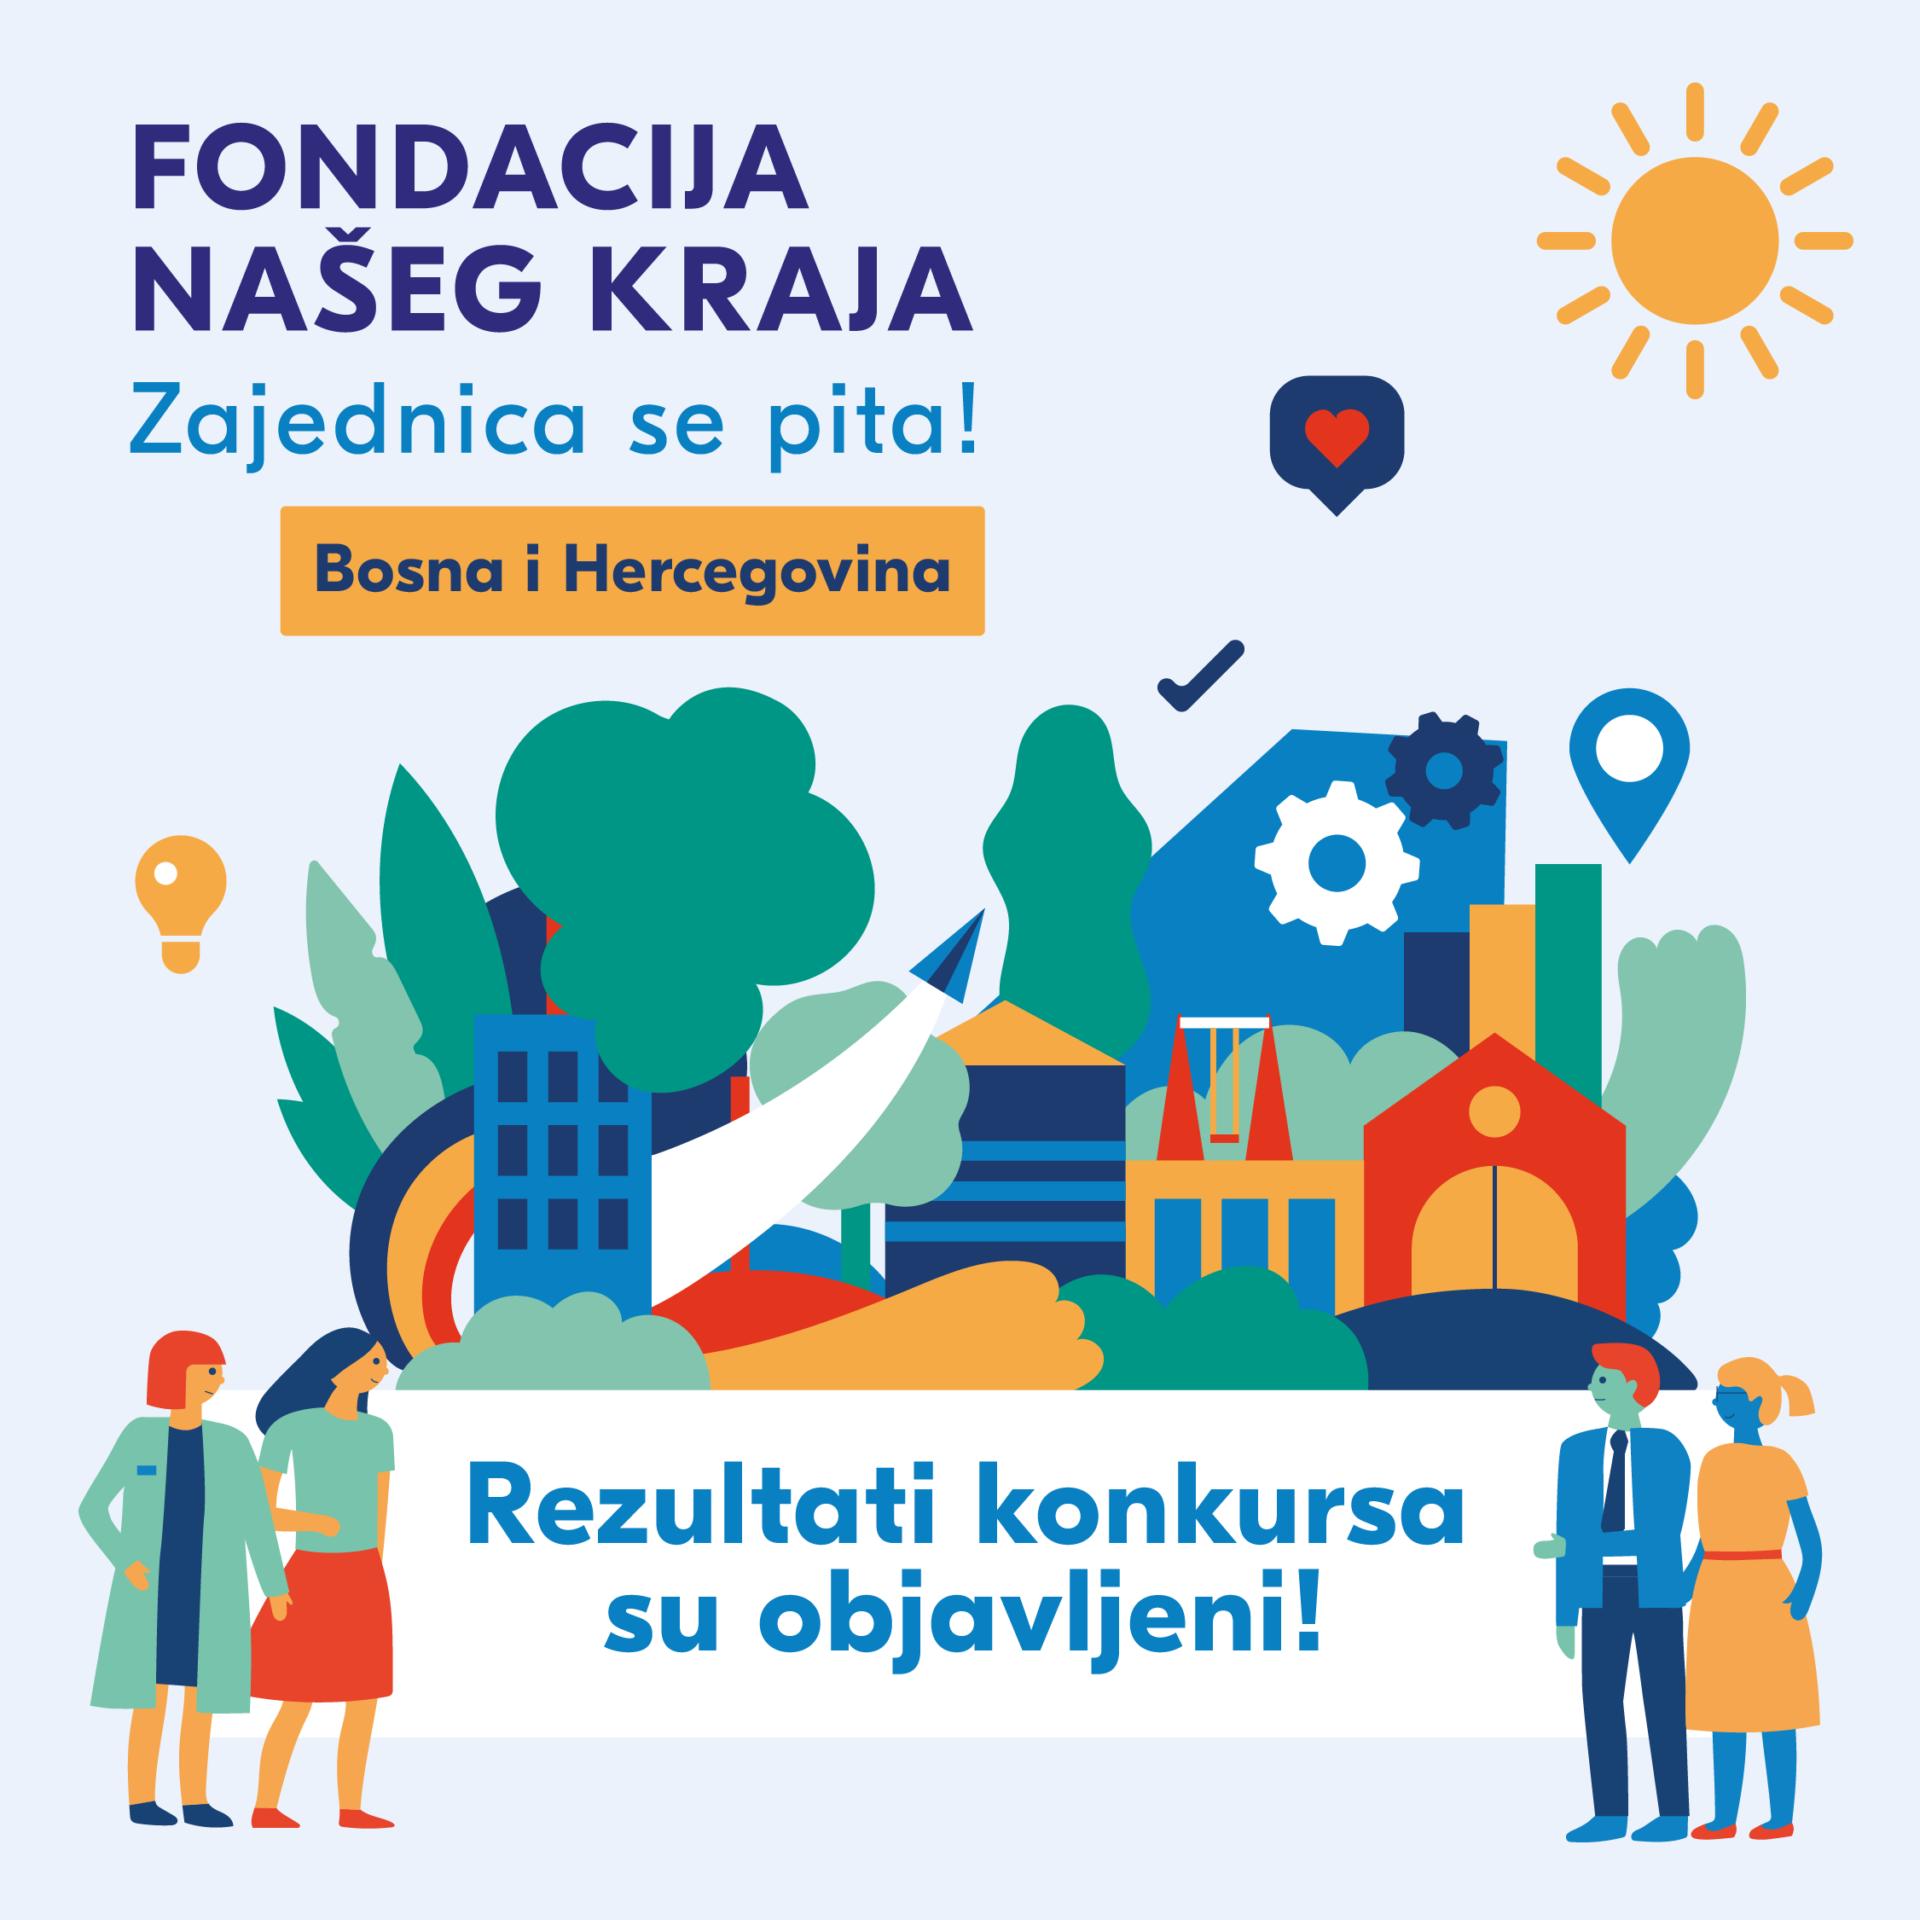 Rezultati konkursa za program Fondacija našeg kraja u Bosni i Hercegovini